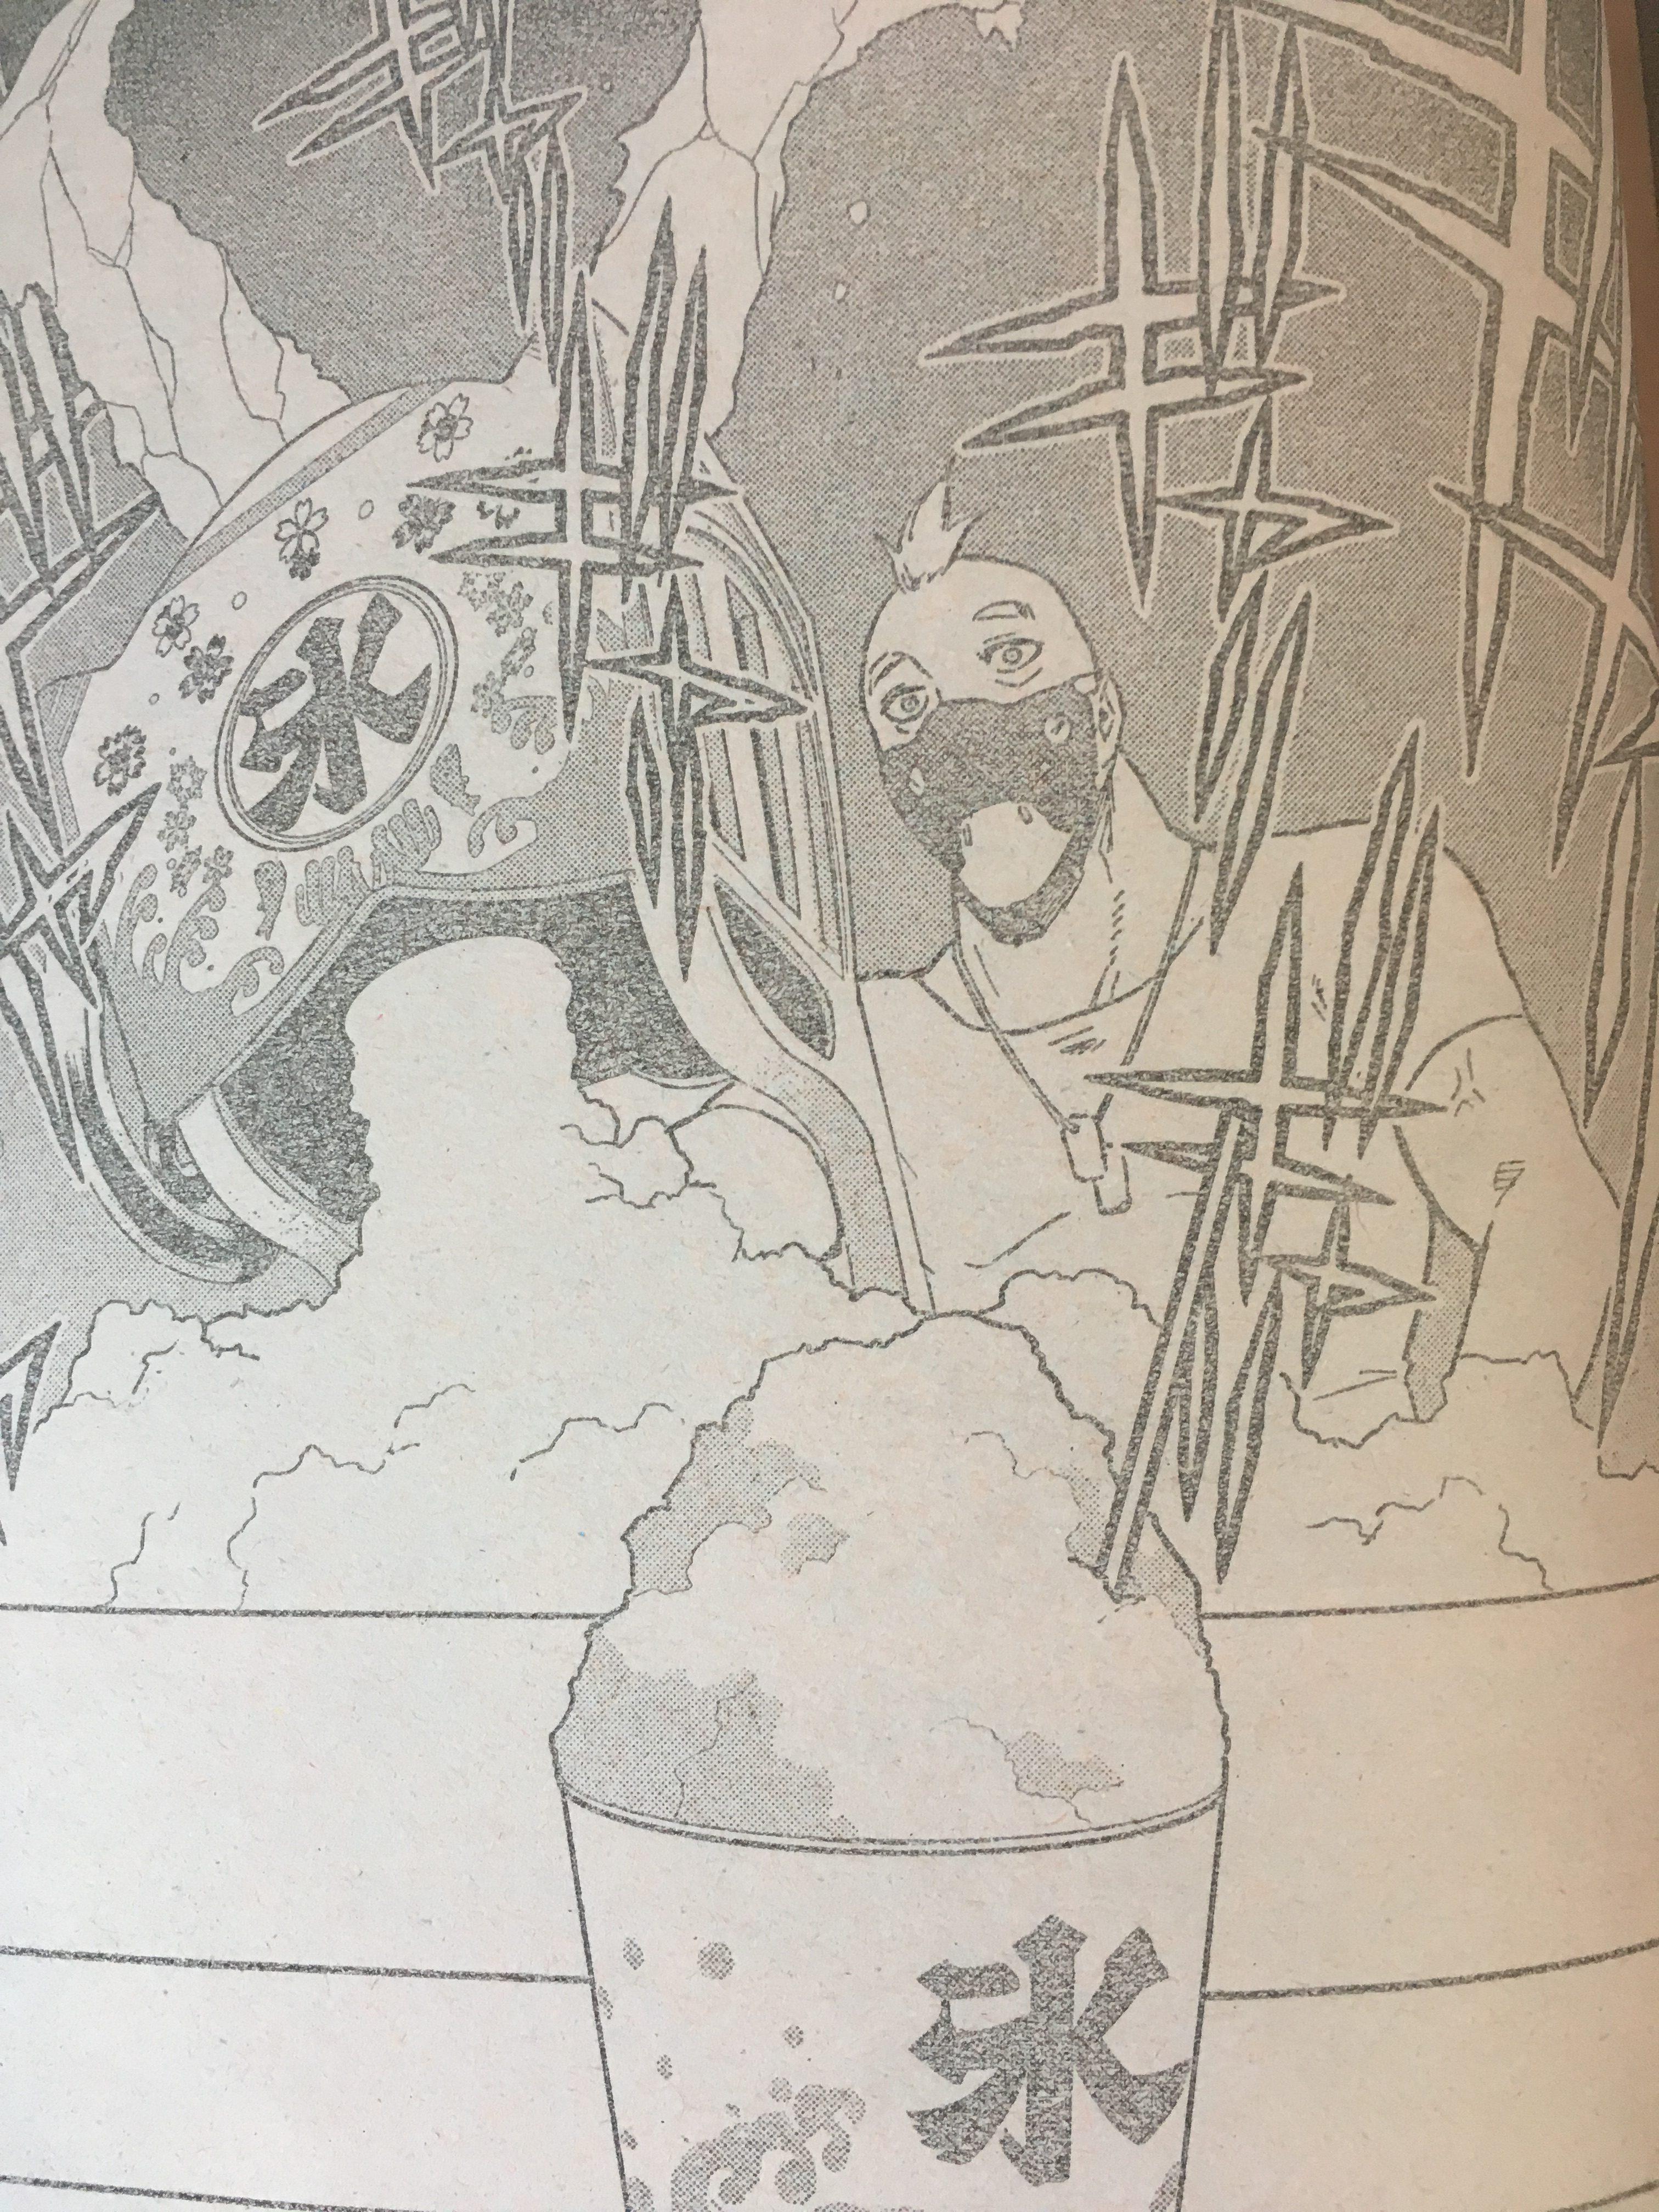 トーキョー忍スクワット 最新話 ネタバレ 感想 第8話 評価 批評 レビュー 面白い 面白くない カキ氷 南雲 ベイ ギャグ